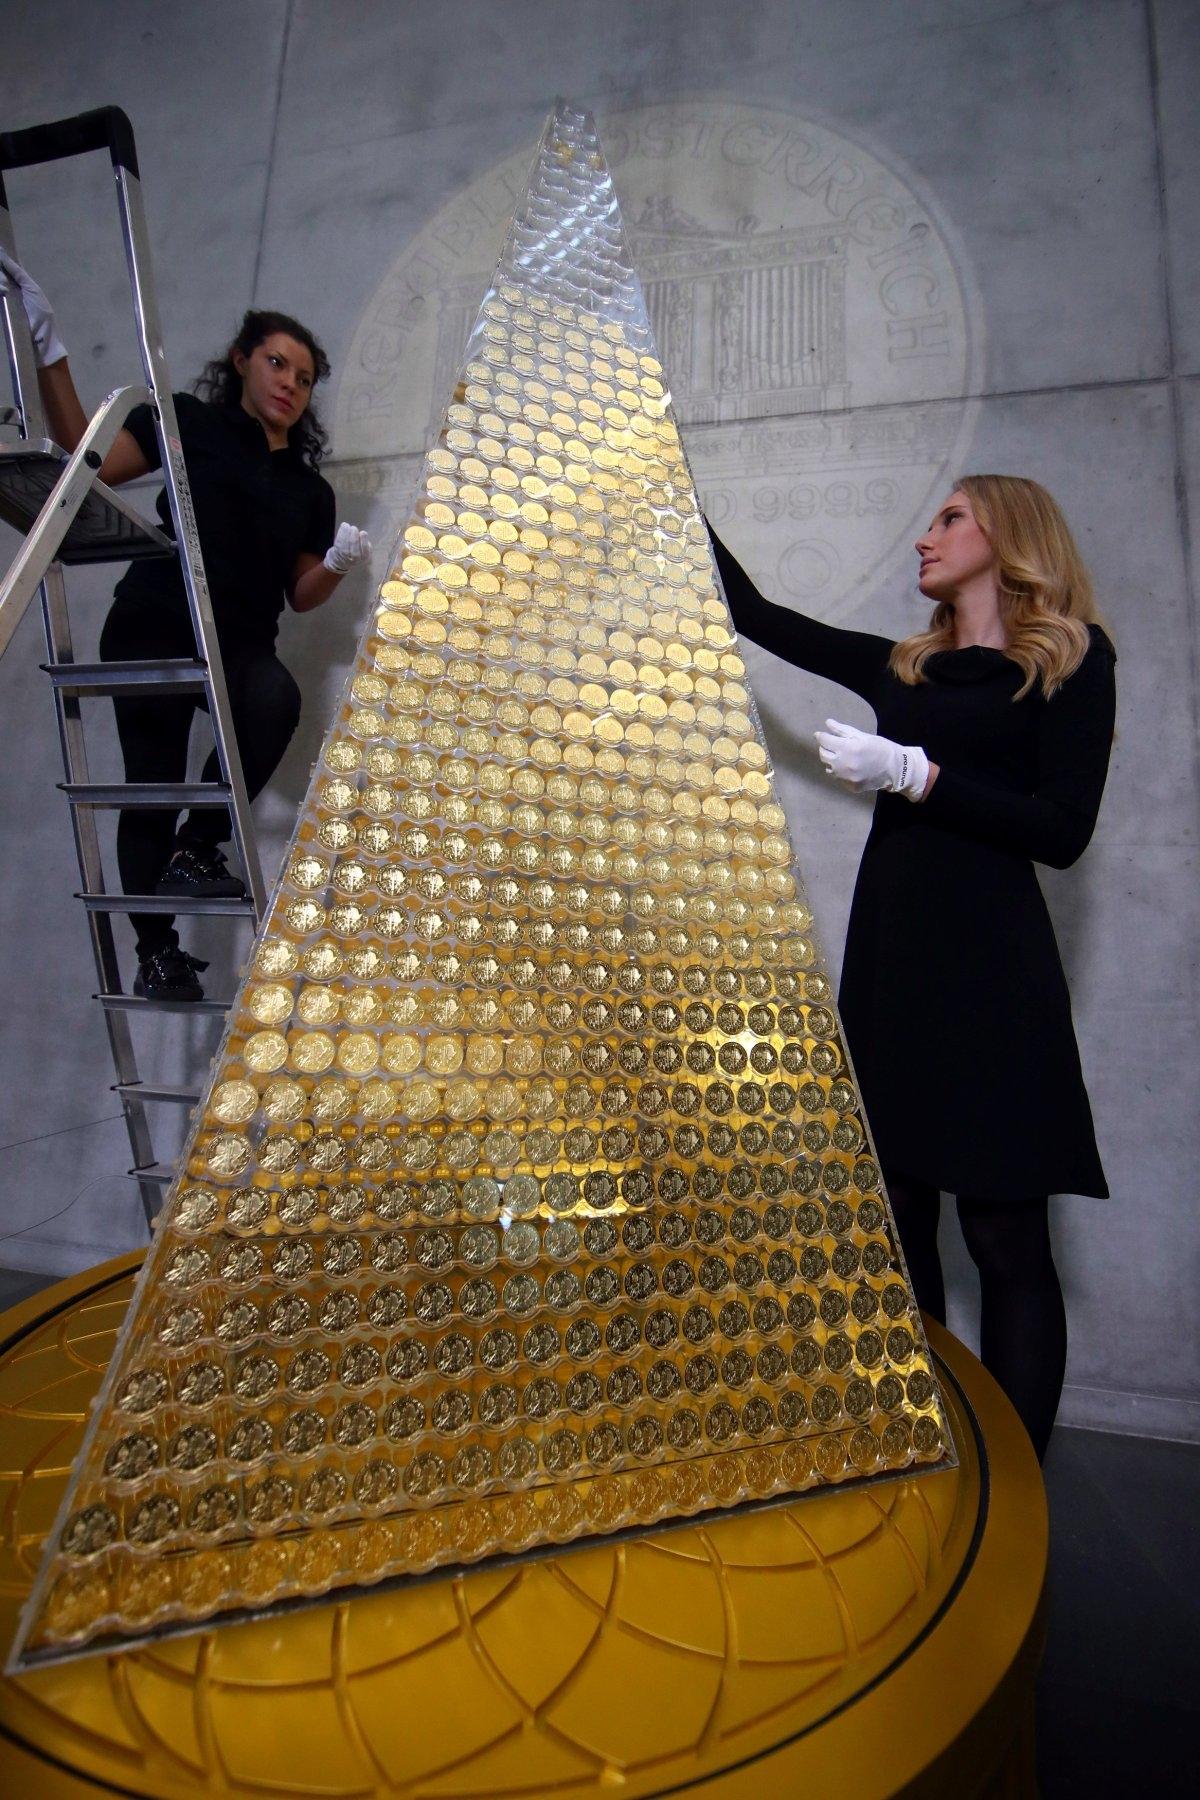 Cây thông đắt đỏ nhất châu Âu này được xếp từ hơn 2 nghìn đồng tiền vàng.